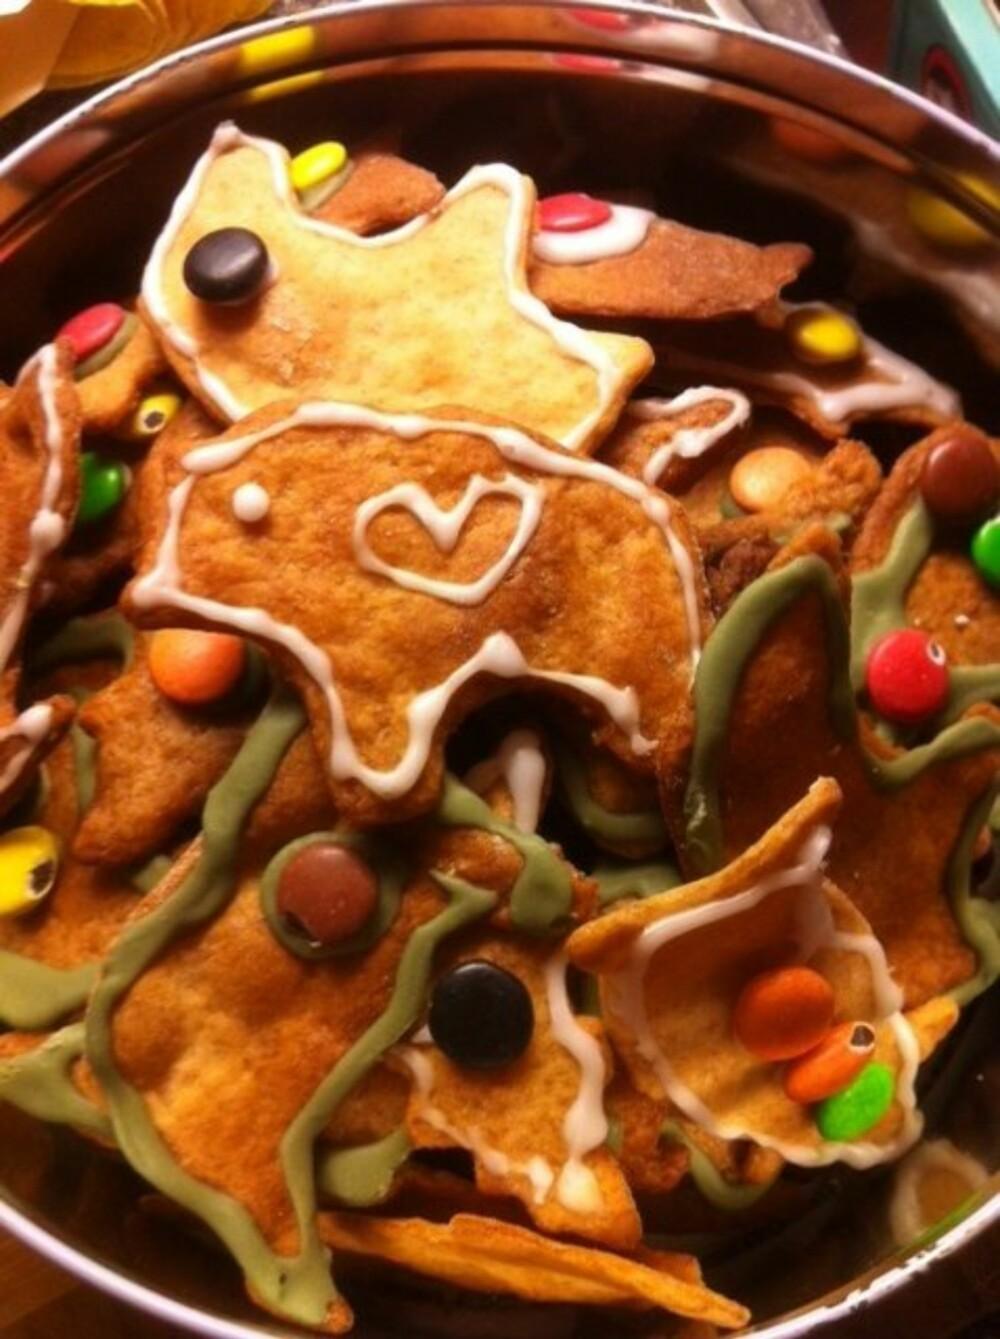 FIKS FERDIG: Send ungene til besteforeldre for å lage pepperkaker, råder Elisabeth. FOTO: Privat.